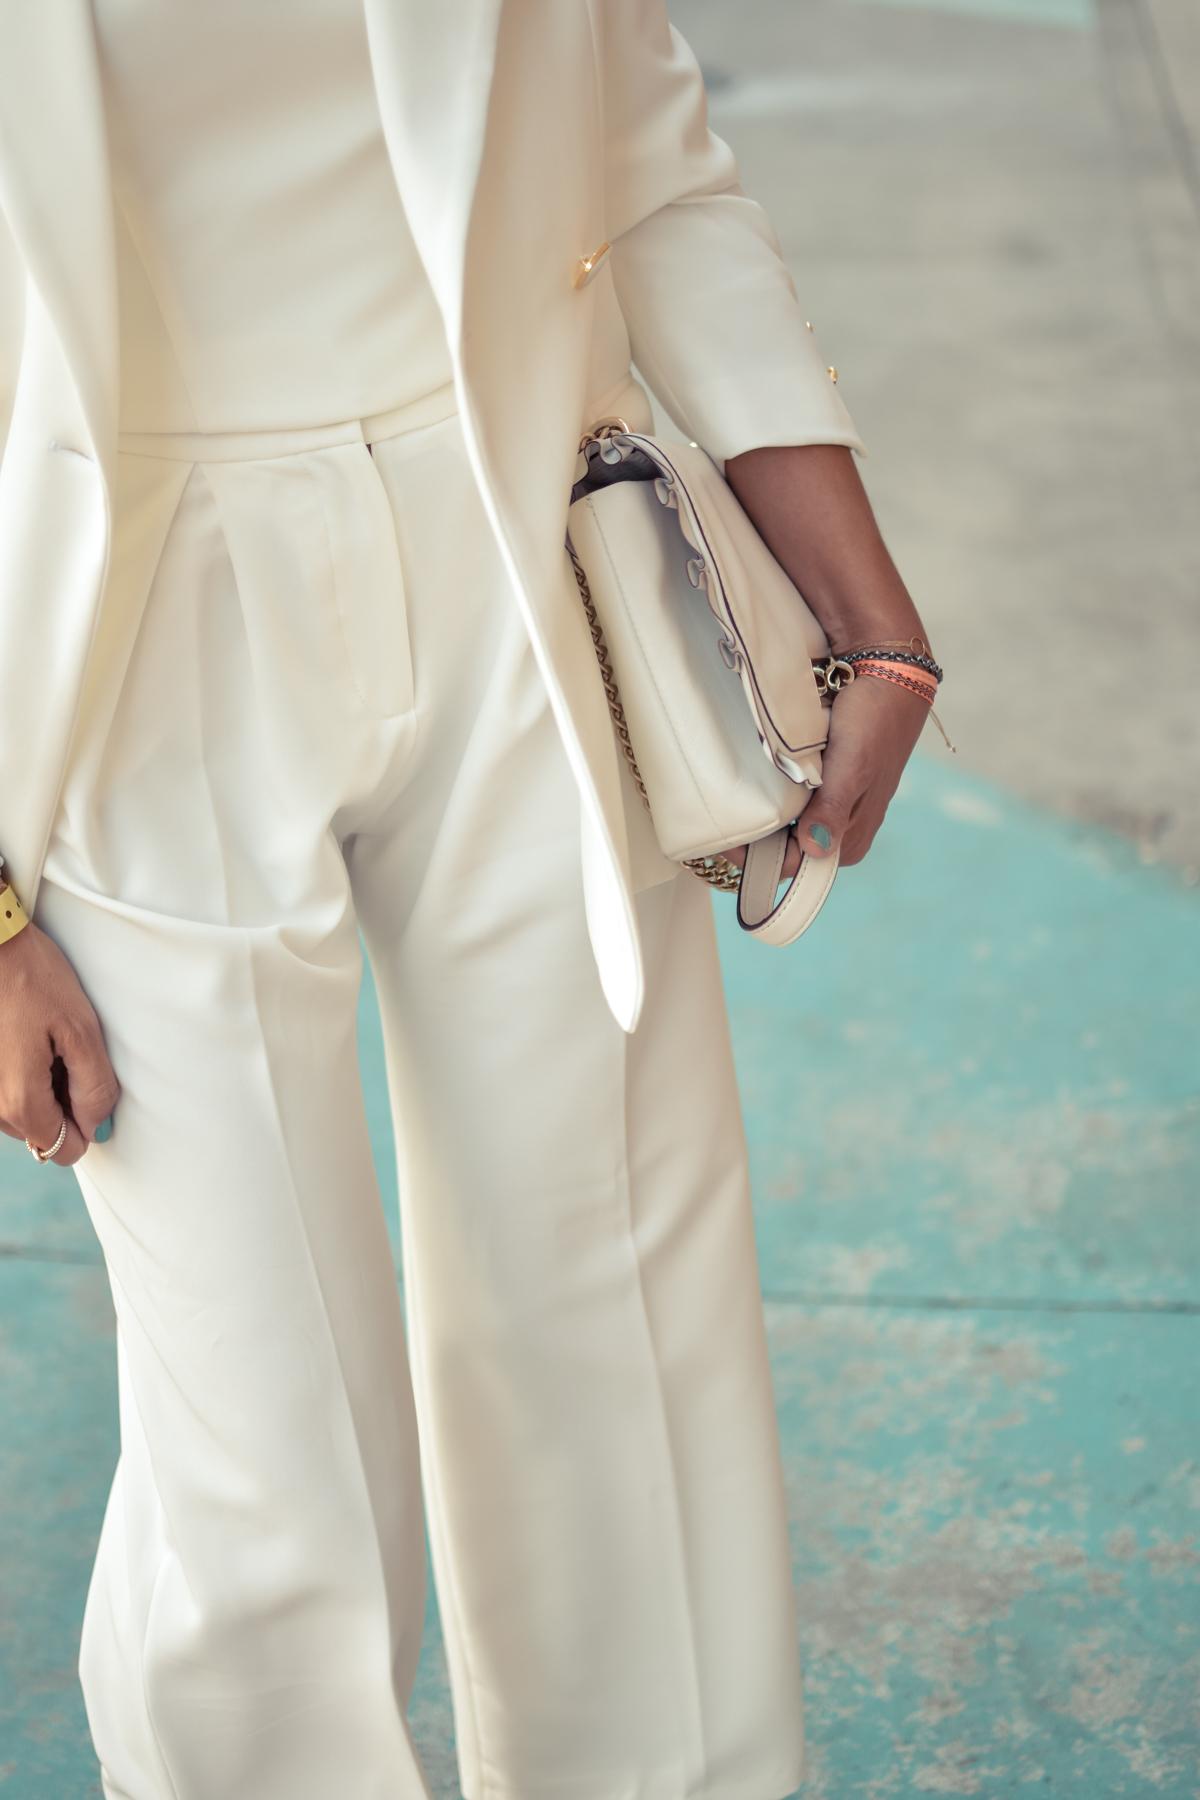 el-blog-de-silvia-pintini-pantalon-blanco